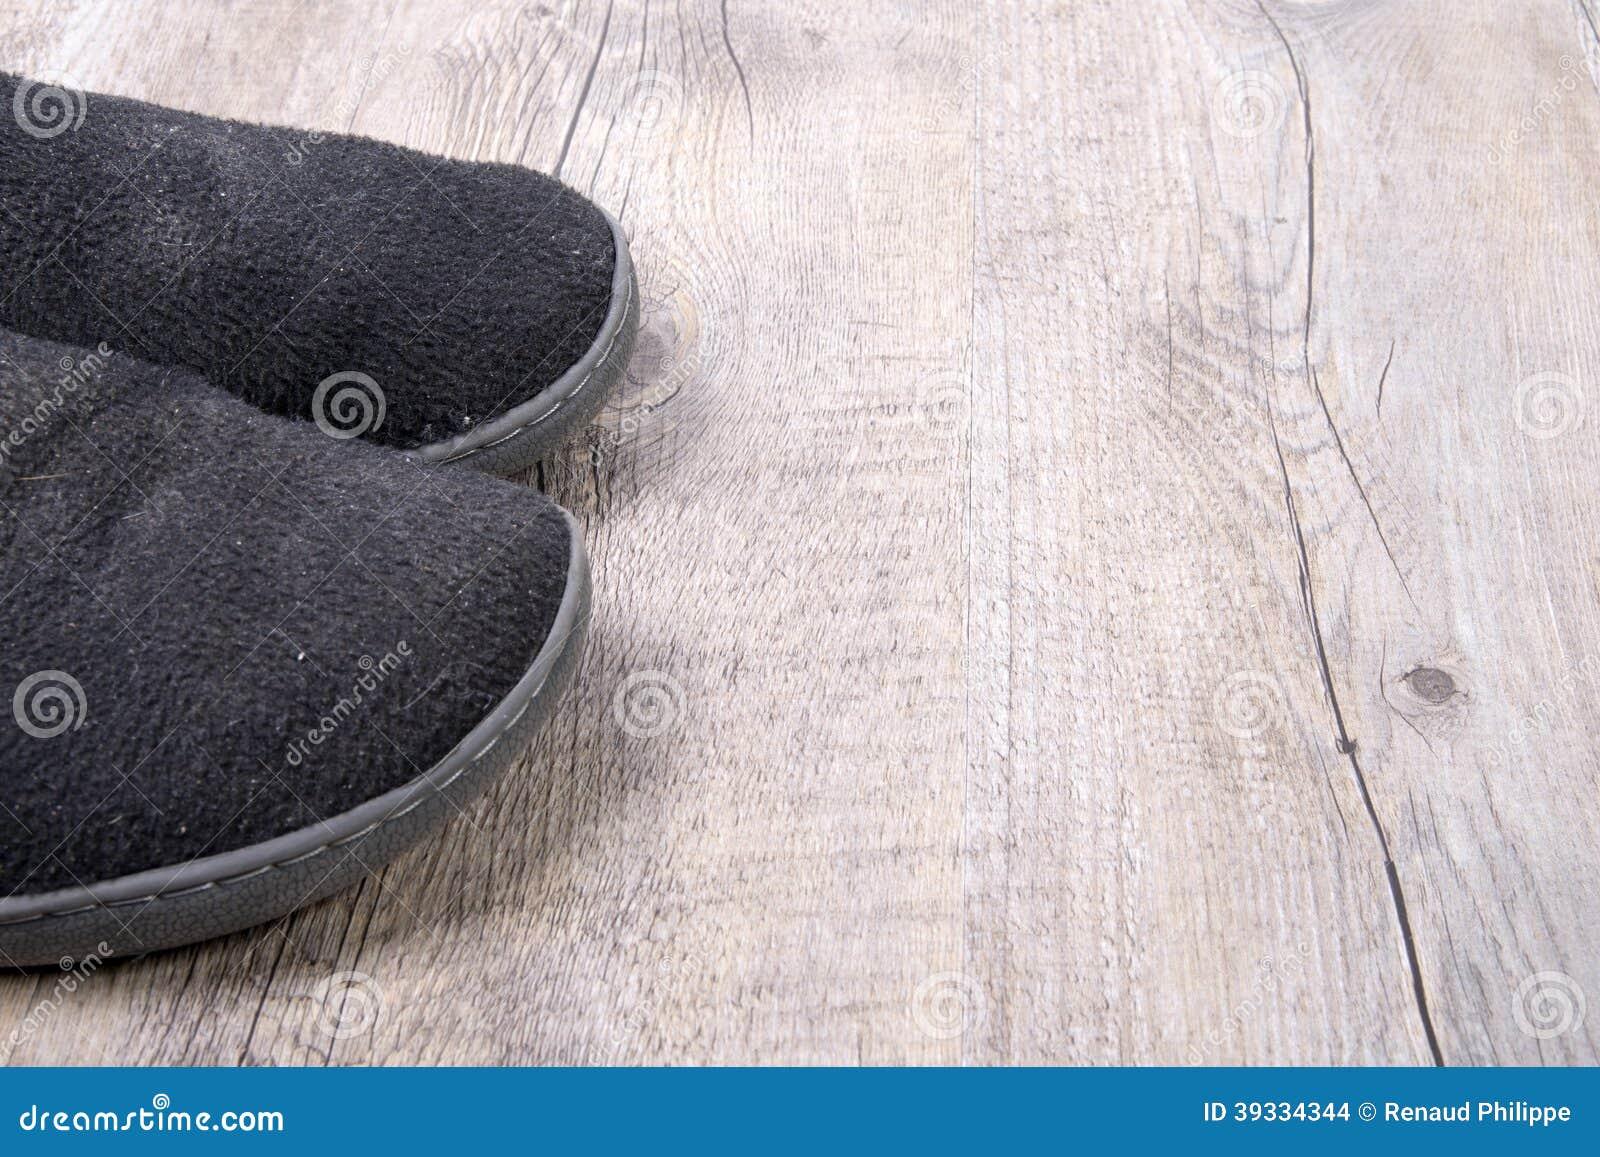 une paire d 39 hommes de pantoufles photo stock image du noir deux 39334344. Black Bedroom Furniture Sets. Home Design Ideas